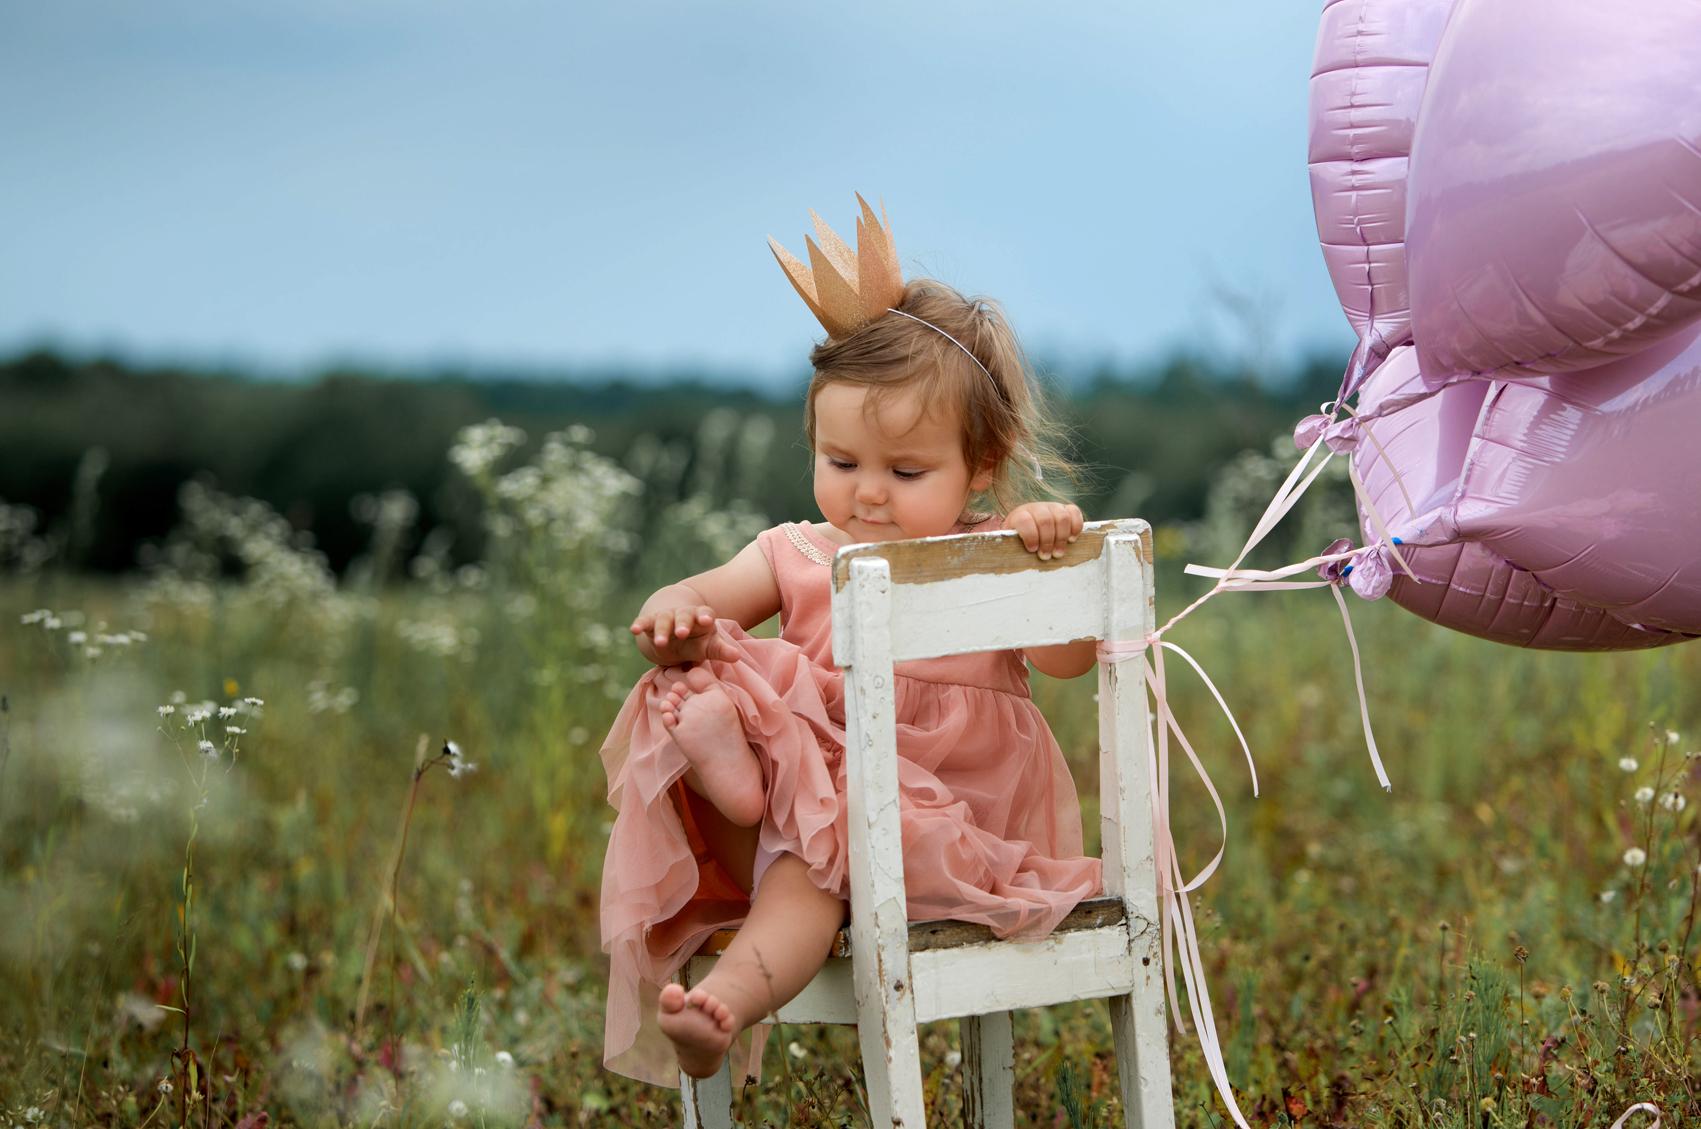 Sesja niemowlęca, Sesja dziecięca Starogard gdański, gdynia, gdańask, sopot